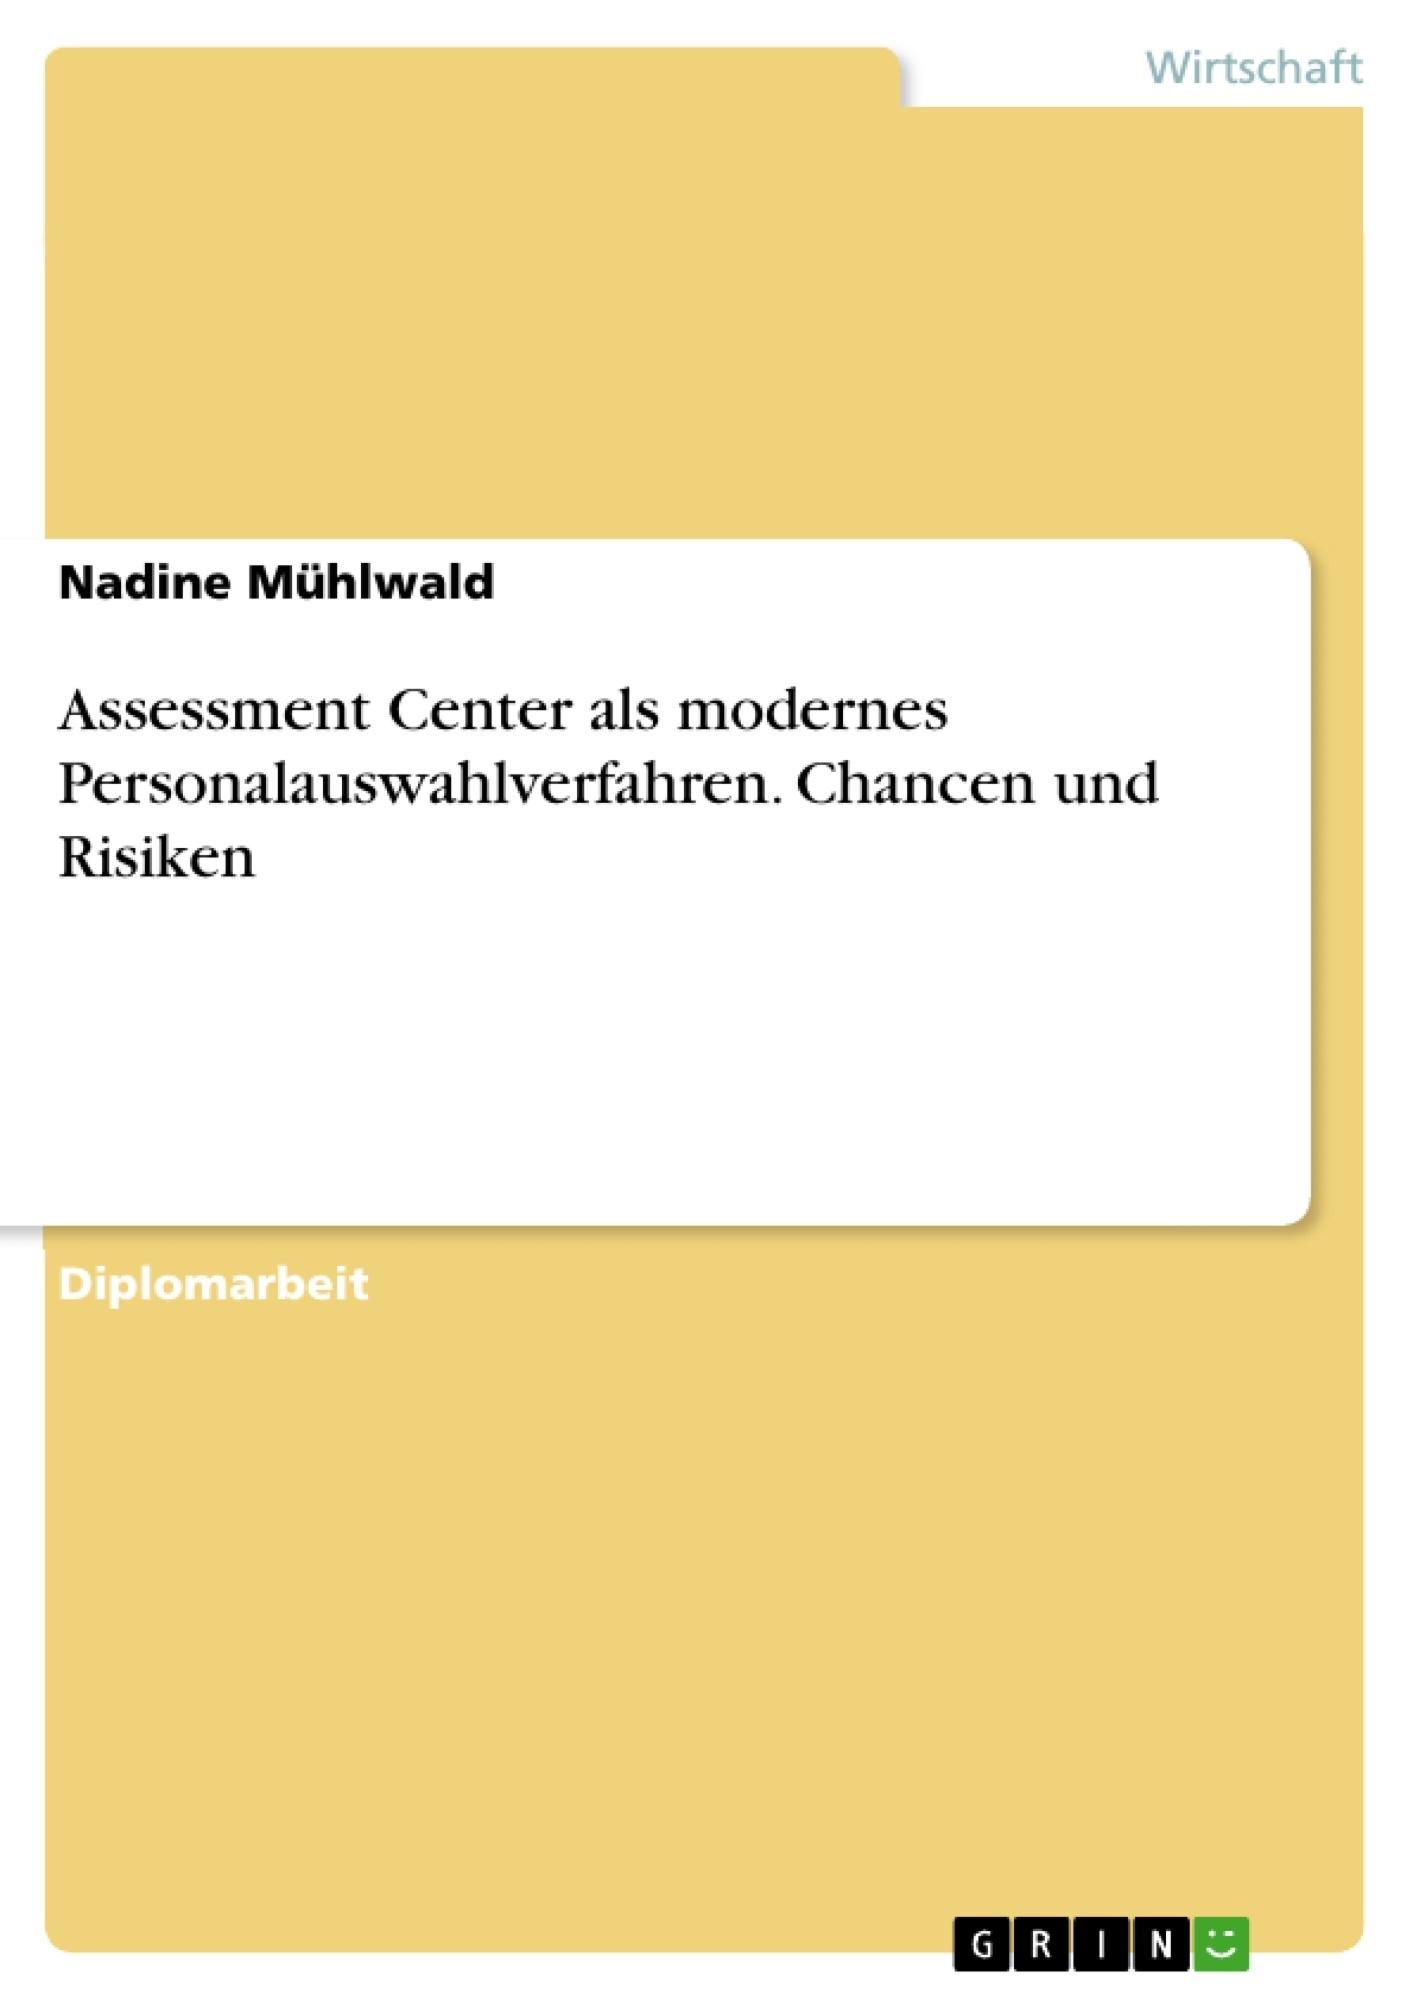 Titel: Assessment Center als modernes Personalauswahlverfahren. Chancen und Risiken